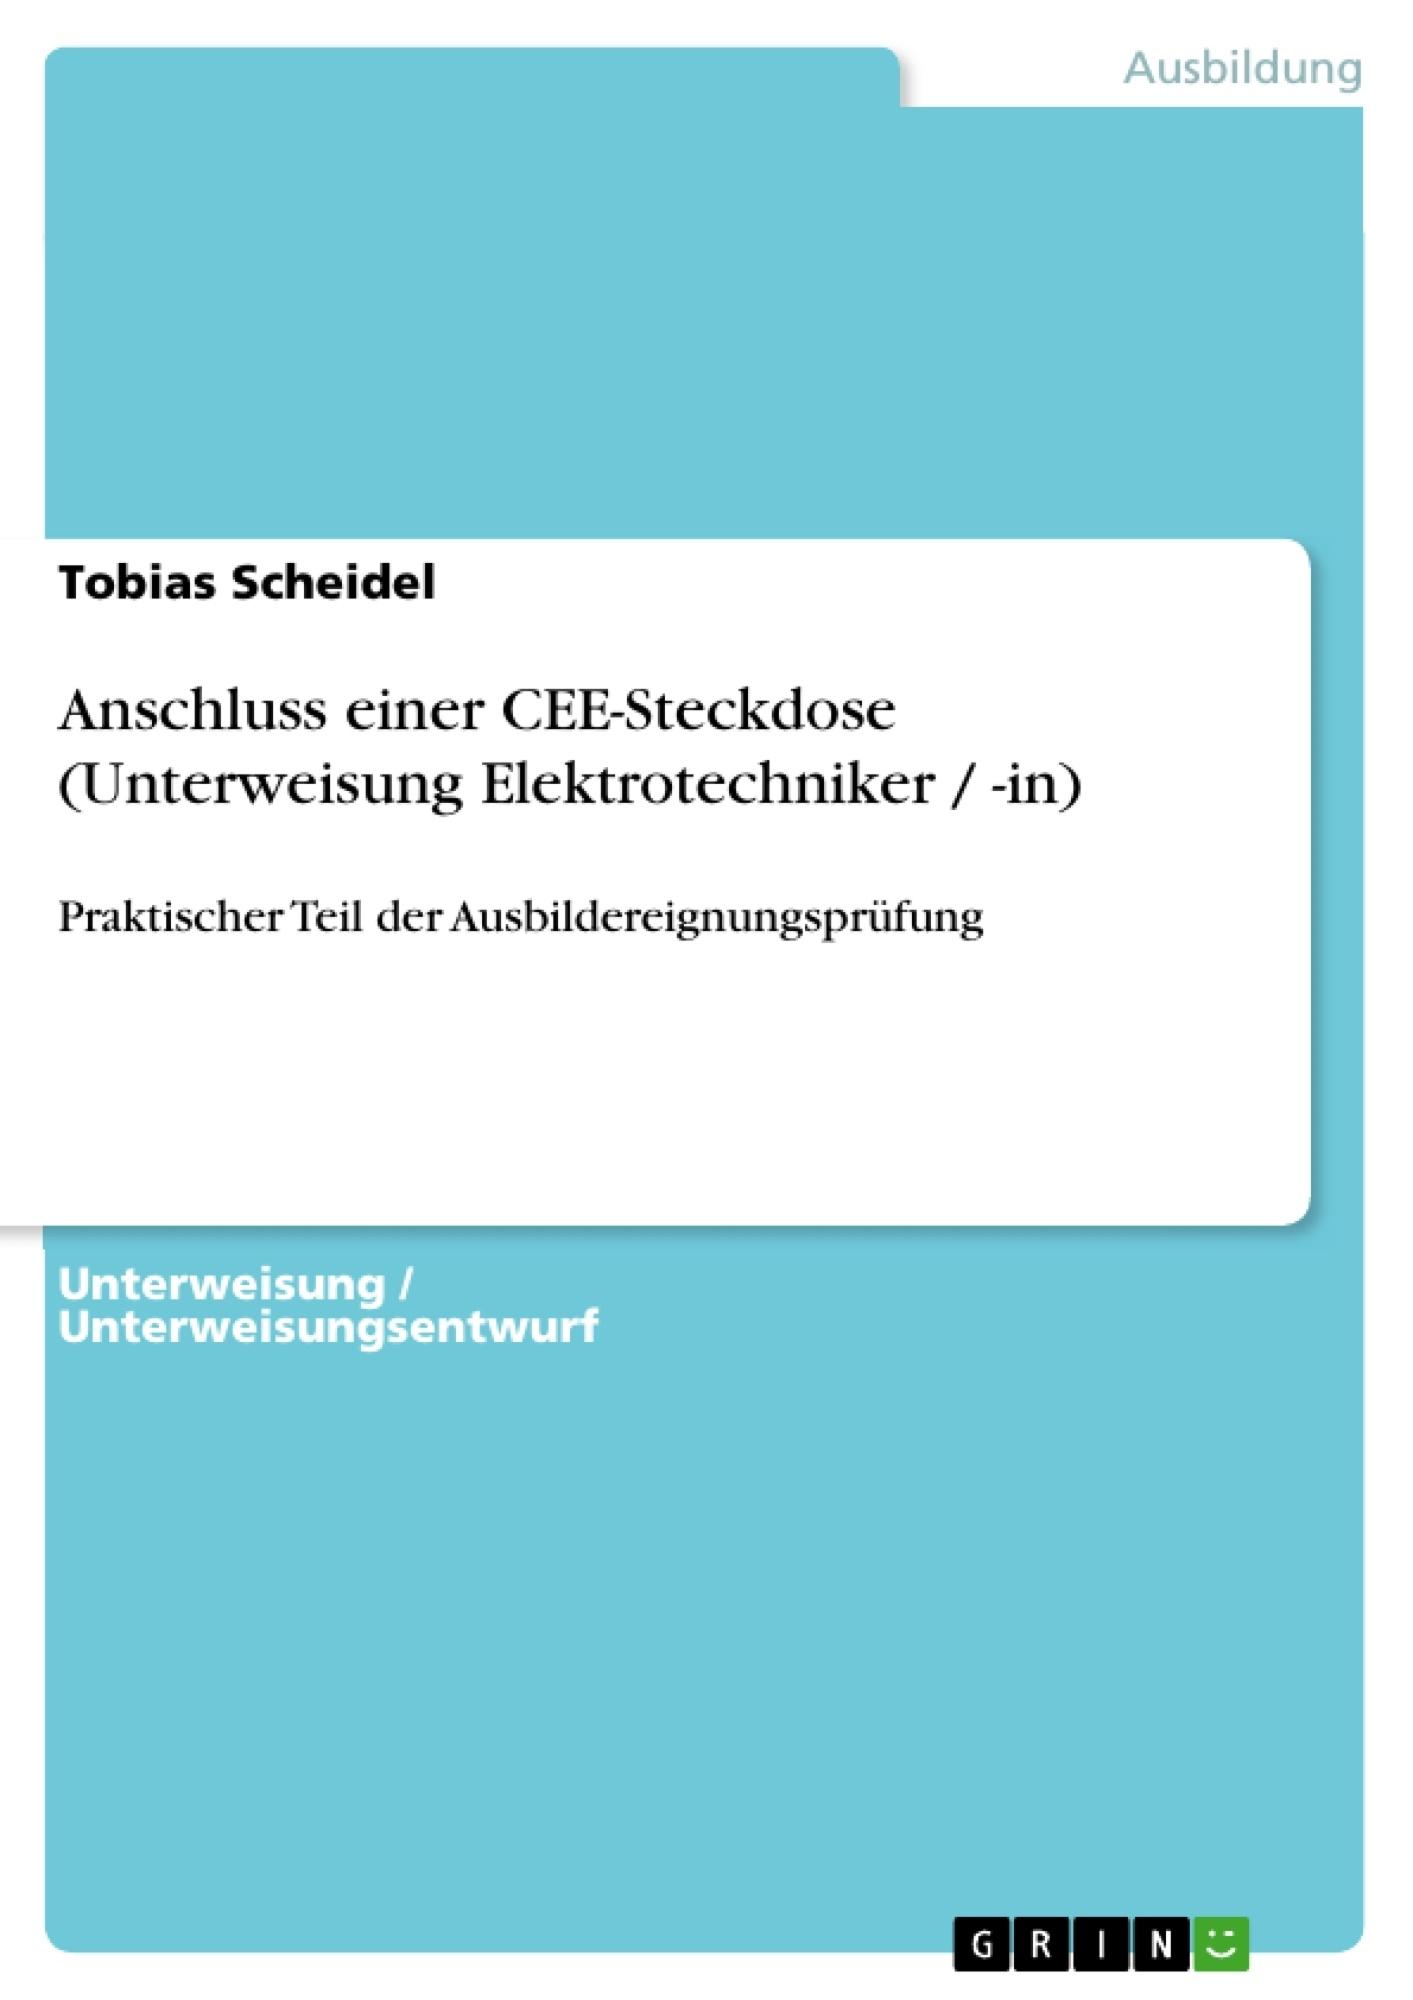 Titel: Anschluss einer CEE-Steckdose (Unterweisung Elektrotechniker / -in)